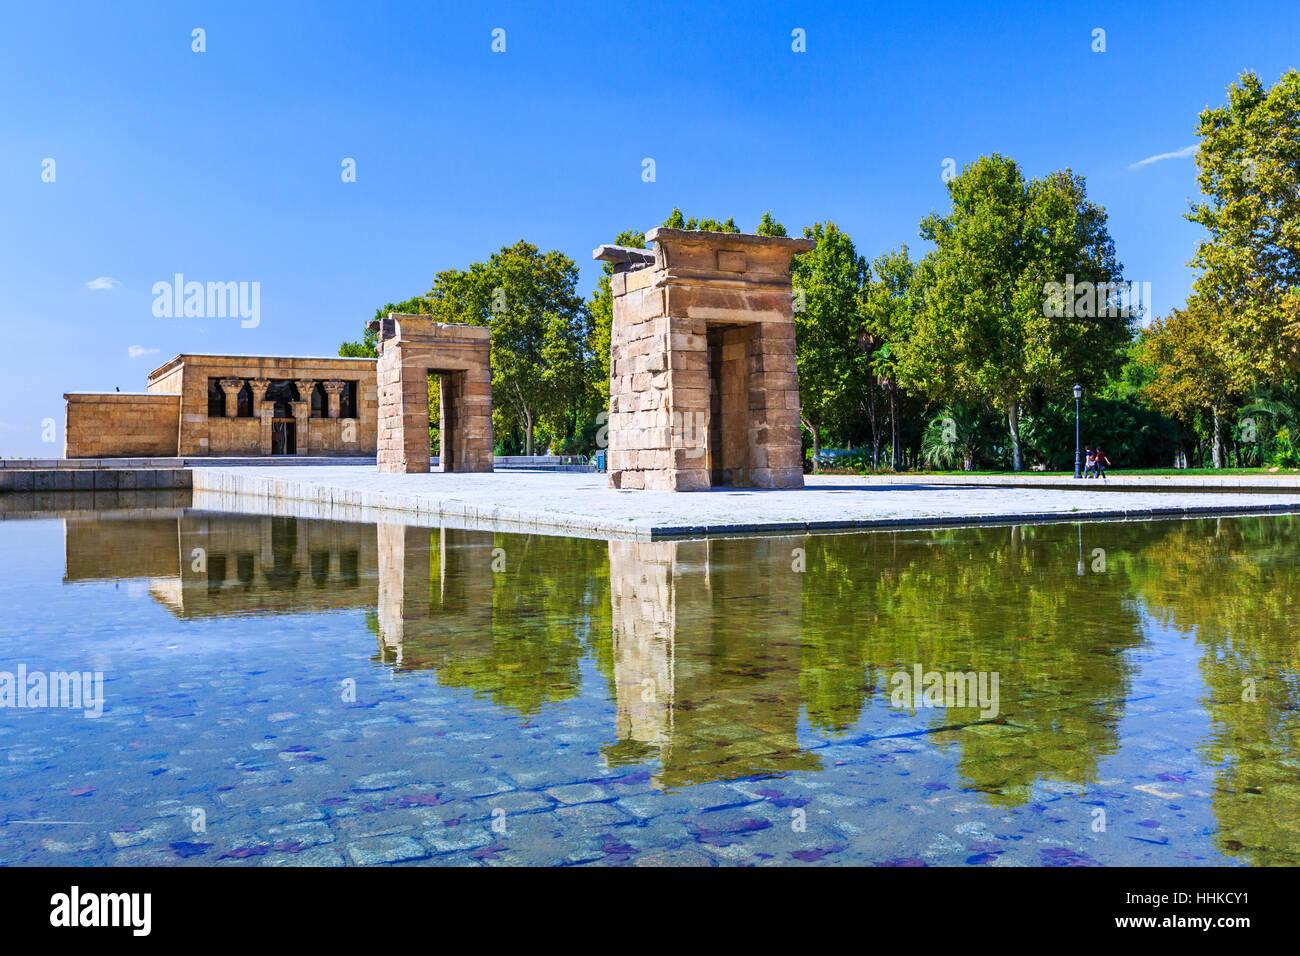 Madrid, Spagna. Il Tempio di Debod (Templo de Debod) un antico tempio Egizio. Immagini Stock